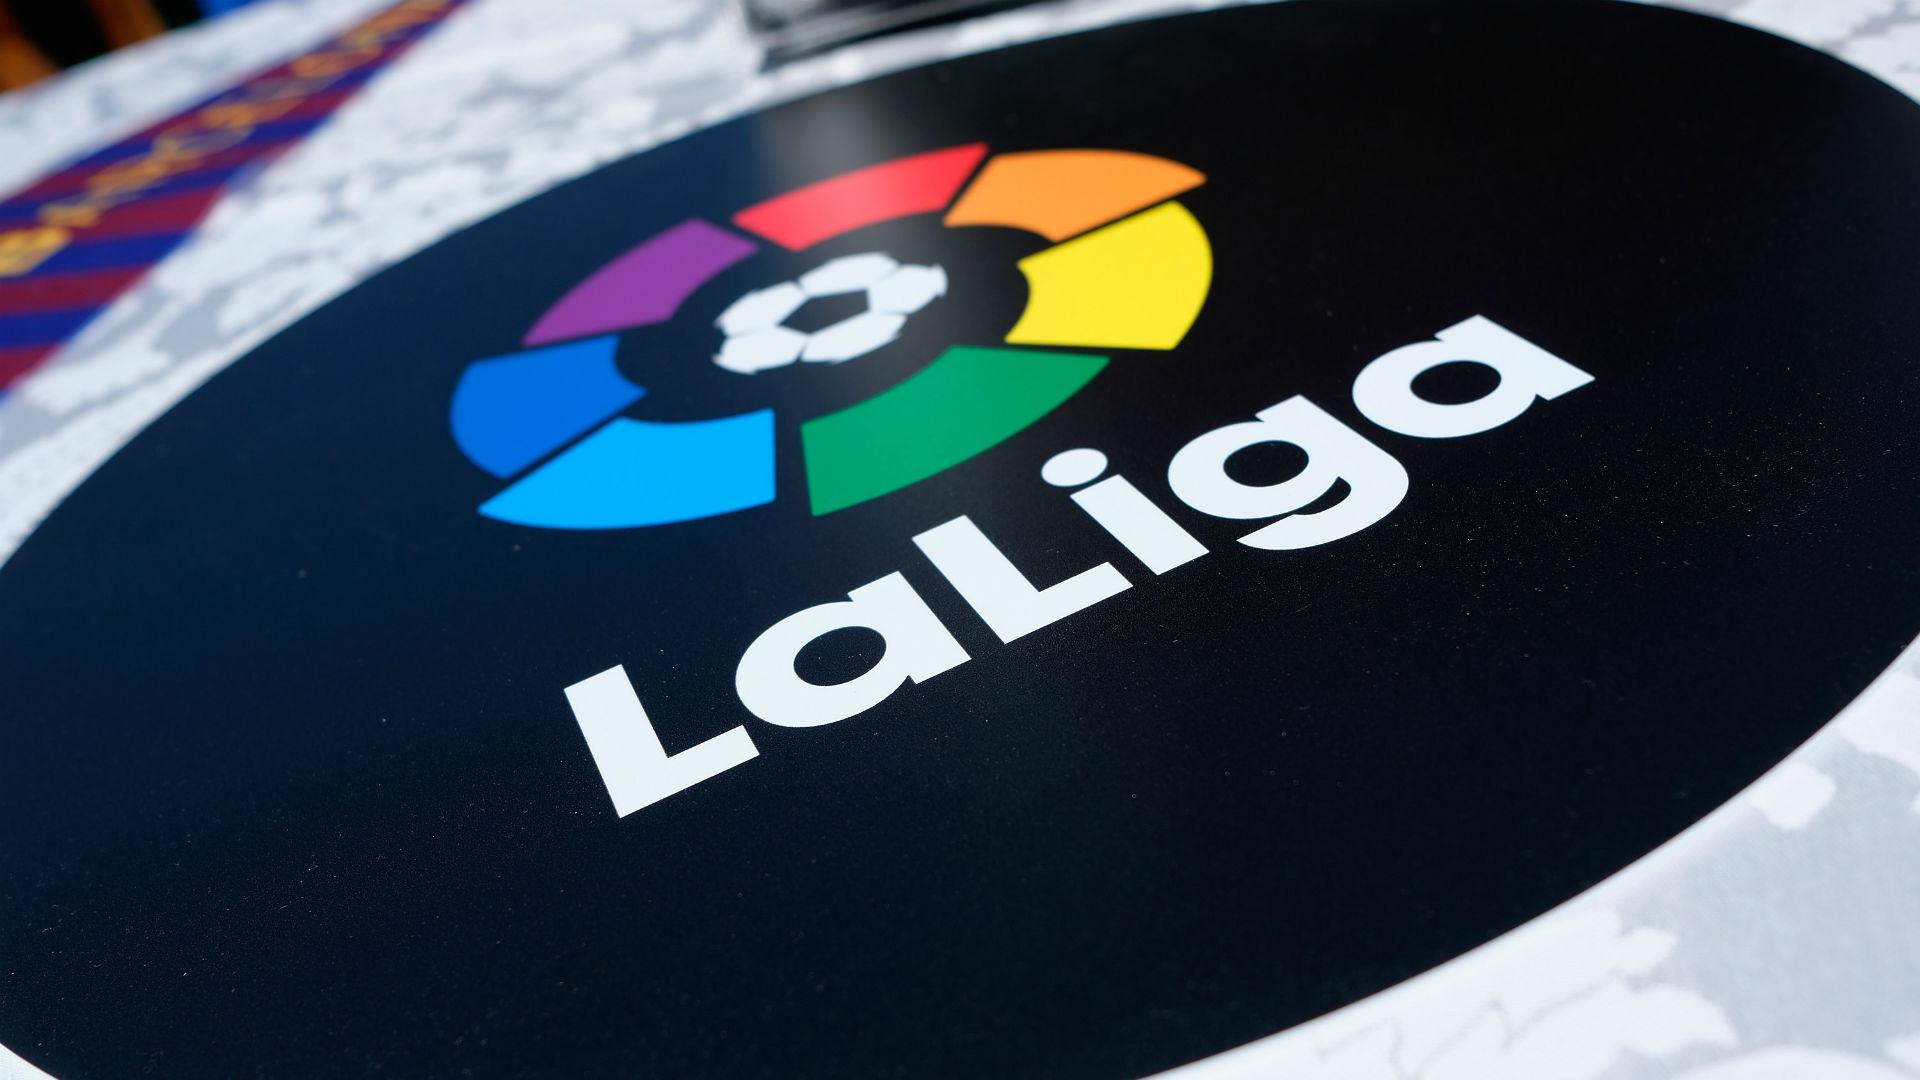 Huyền thoại Barcelona kêu gọi chấm dứt mùa giải La Liga ngay lập tức | Goal.com